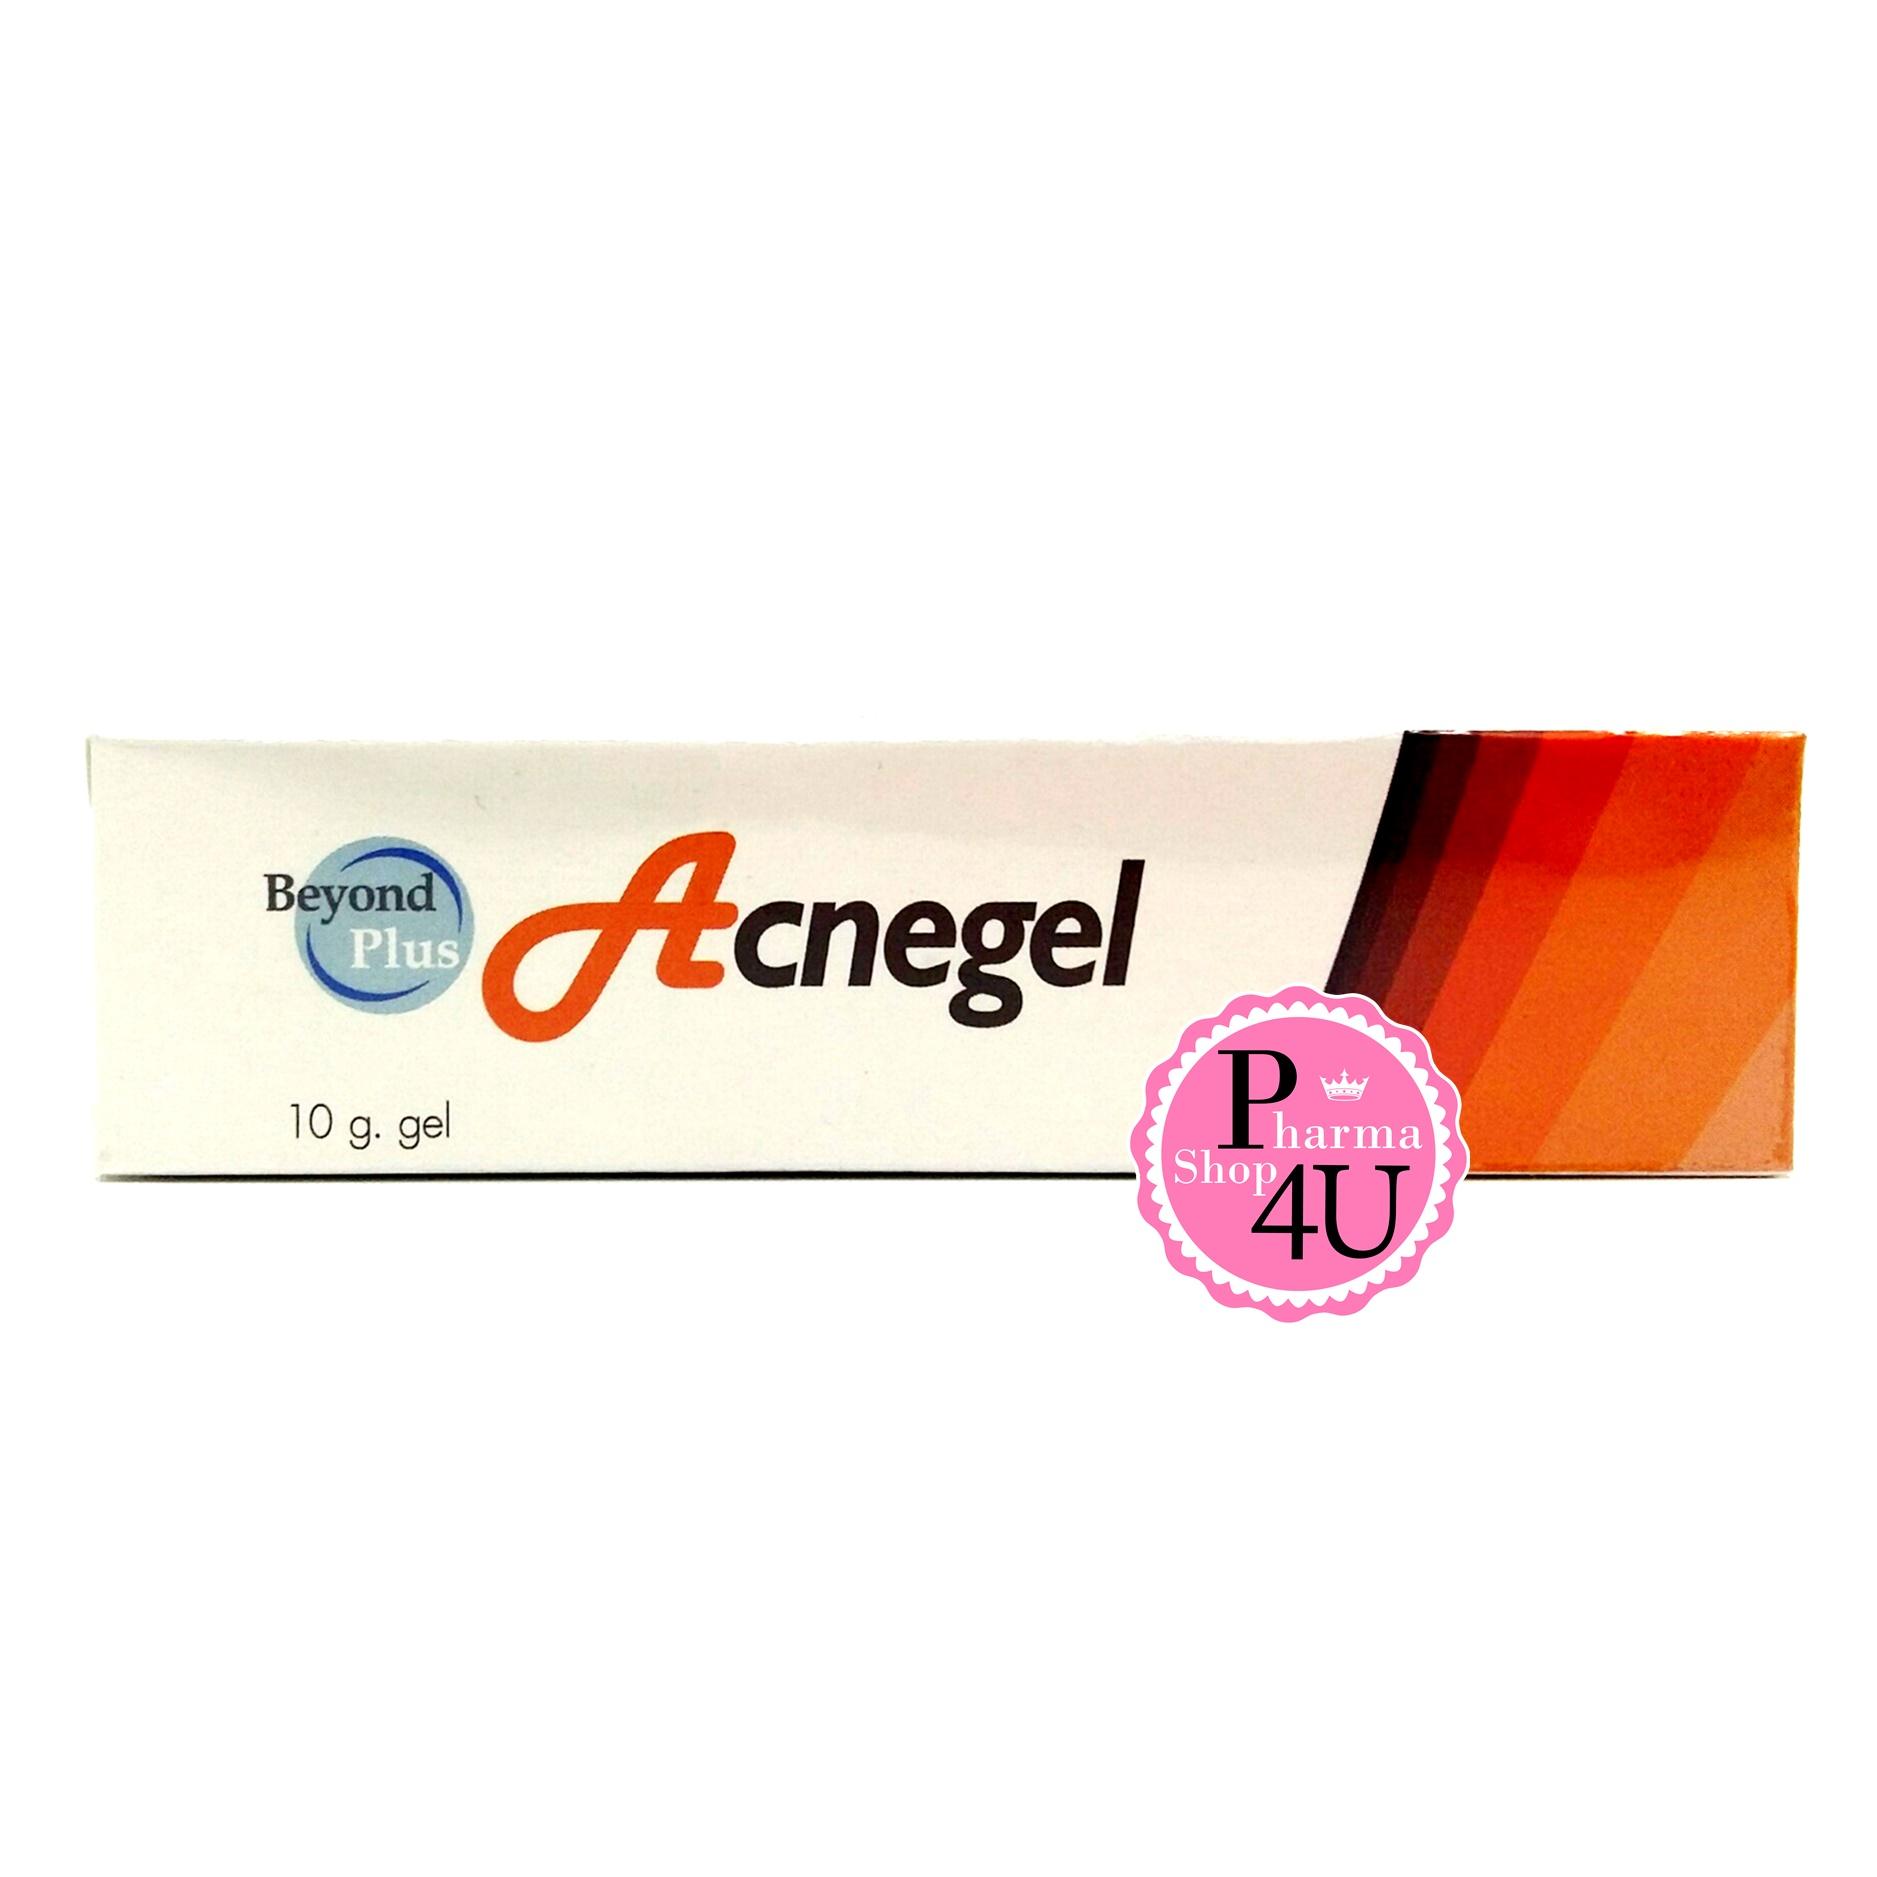 Beyond Plus Acnegel เจลแต้มสิวอักเสบ สิวหนอง 10 g บียอนด์ พลัส แอคเน่เจล ทำให้สิวยุบ แห้งเร็ว ลดรอยแผลจากสิว